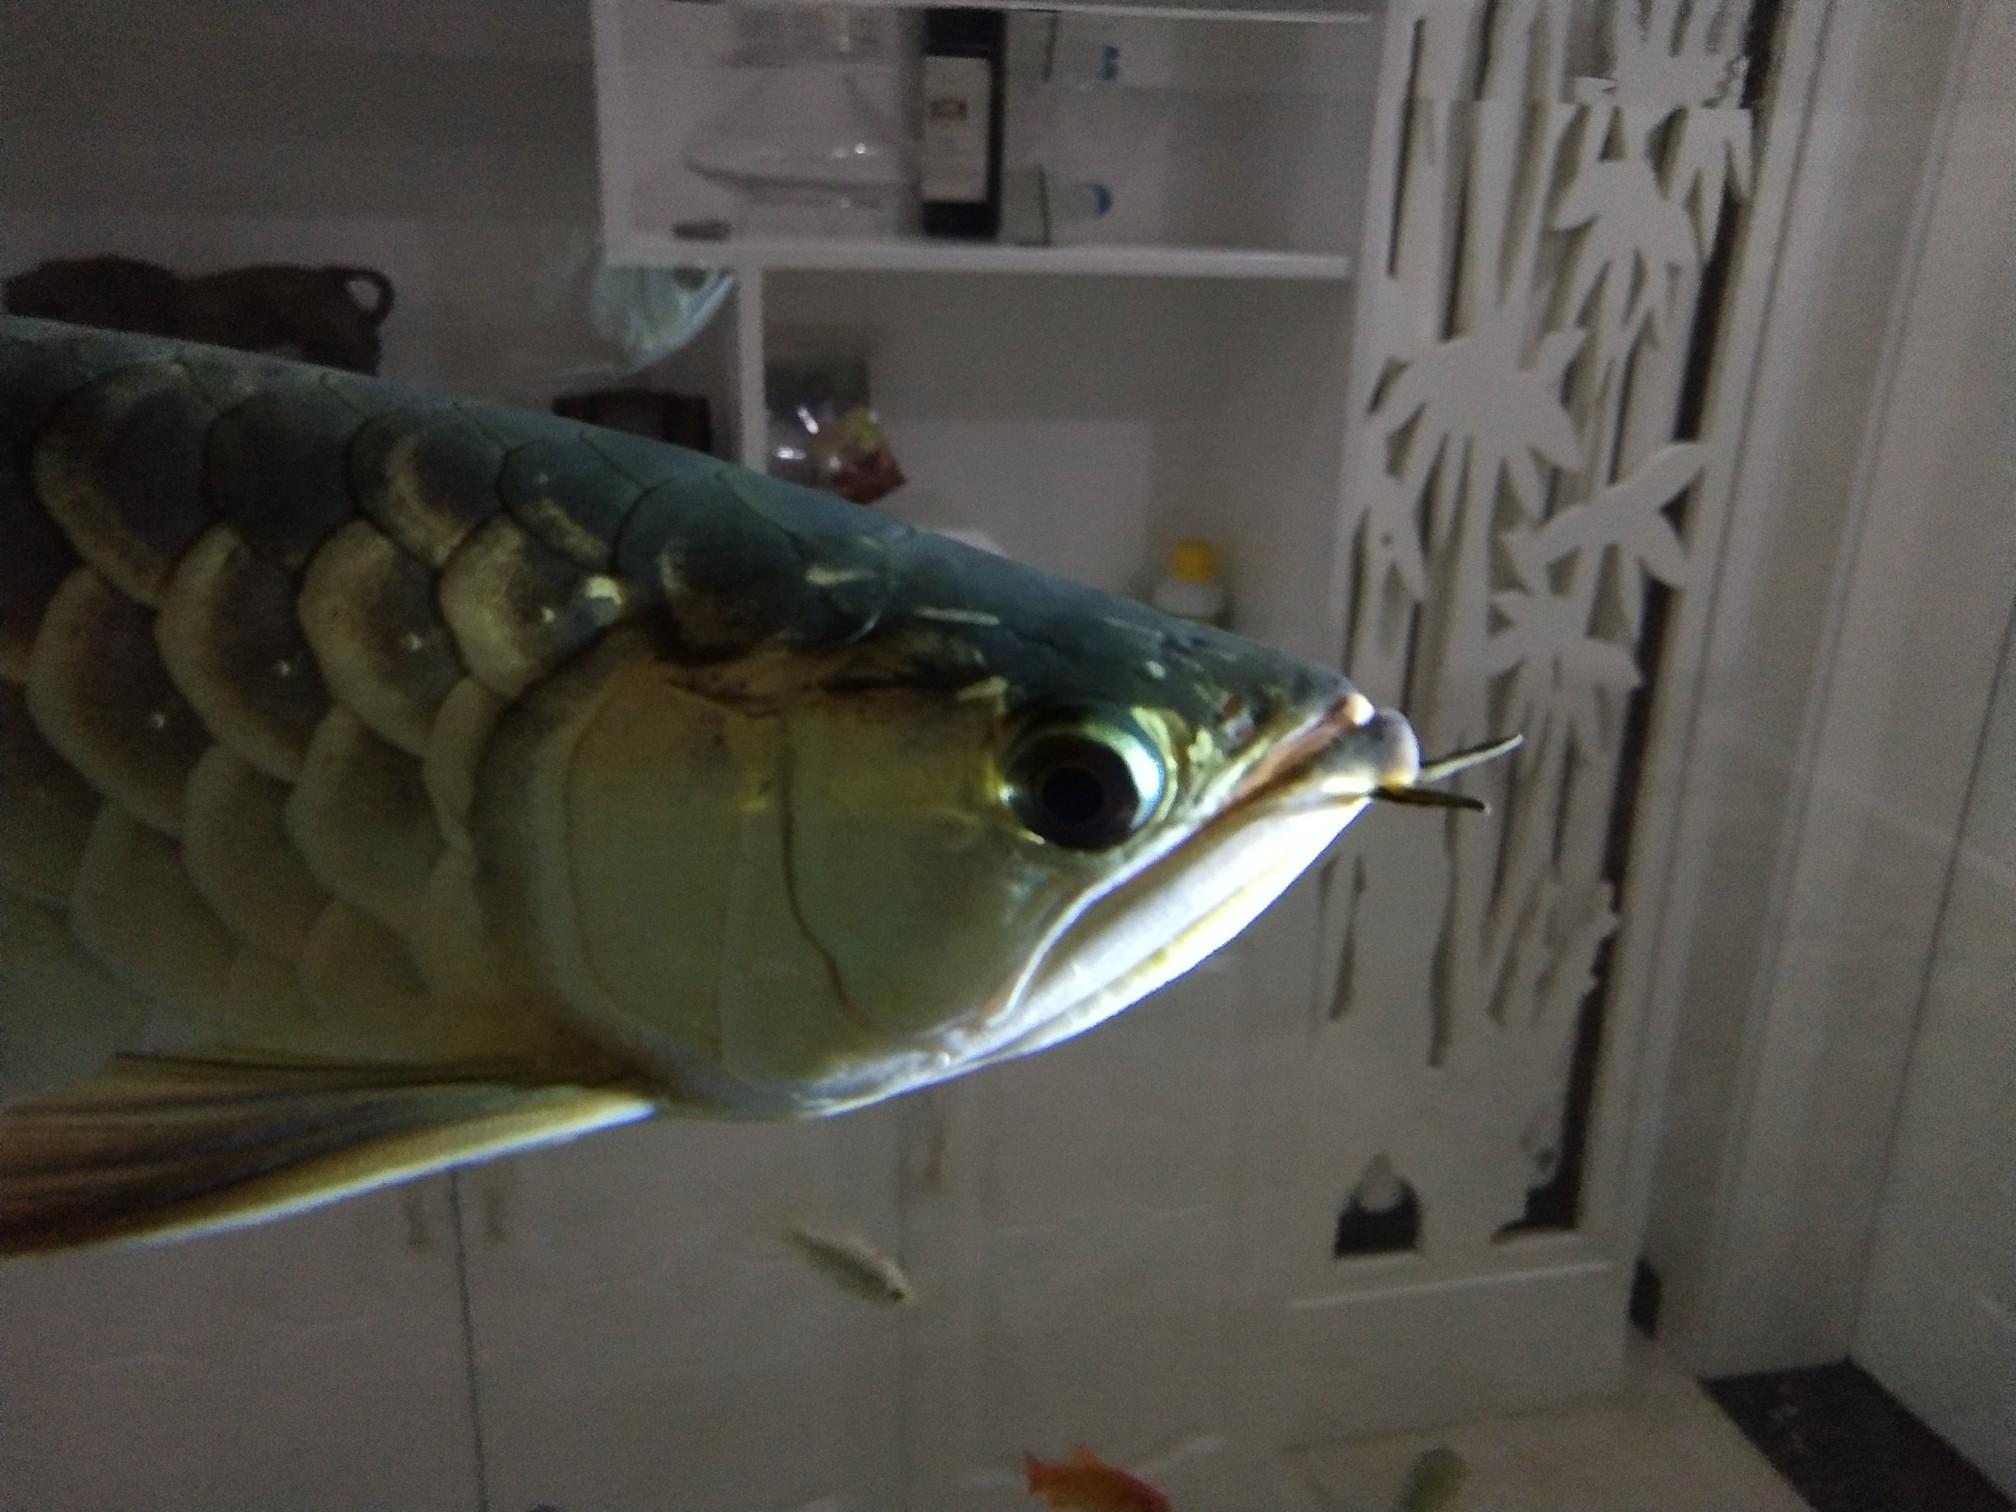 看看龙鱼嘴里长得什么 求治疗 西安观赏鱼信息 西安博特第5张